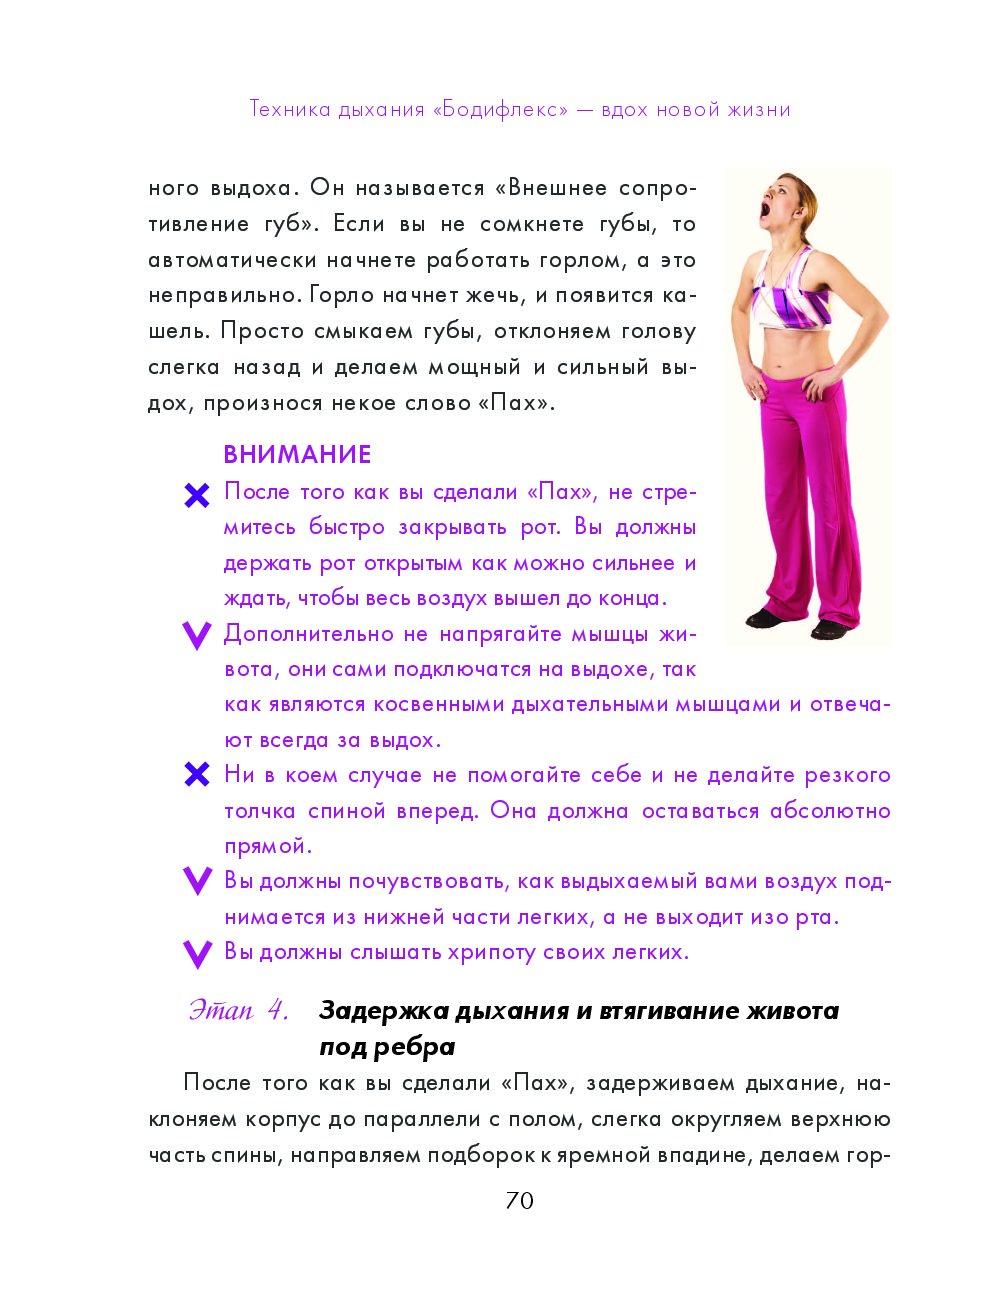 Методики похудения дыханием